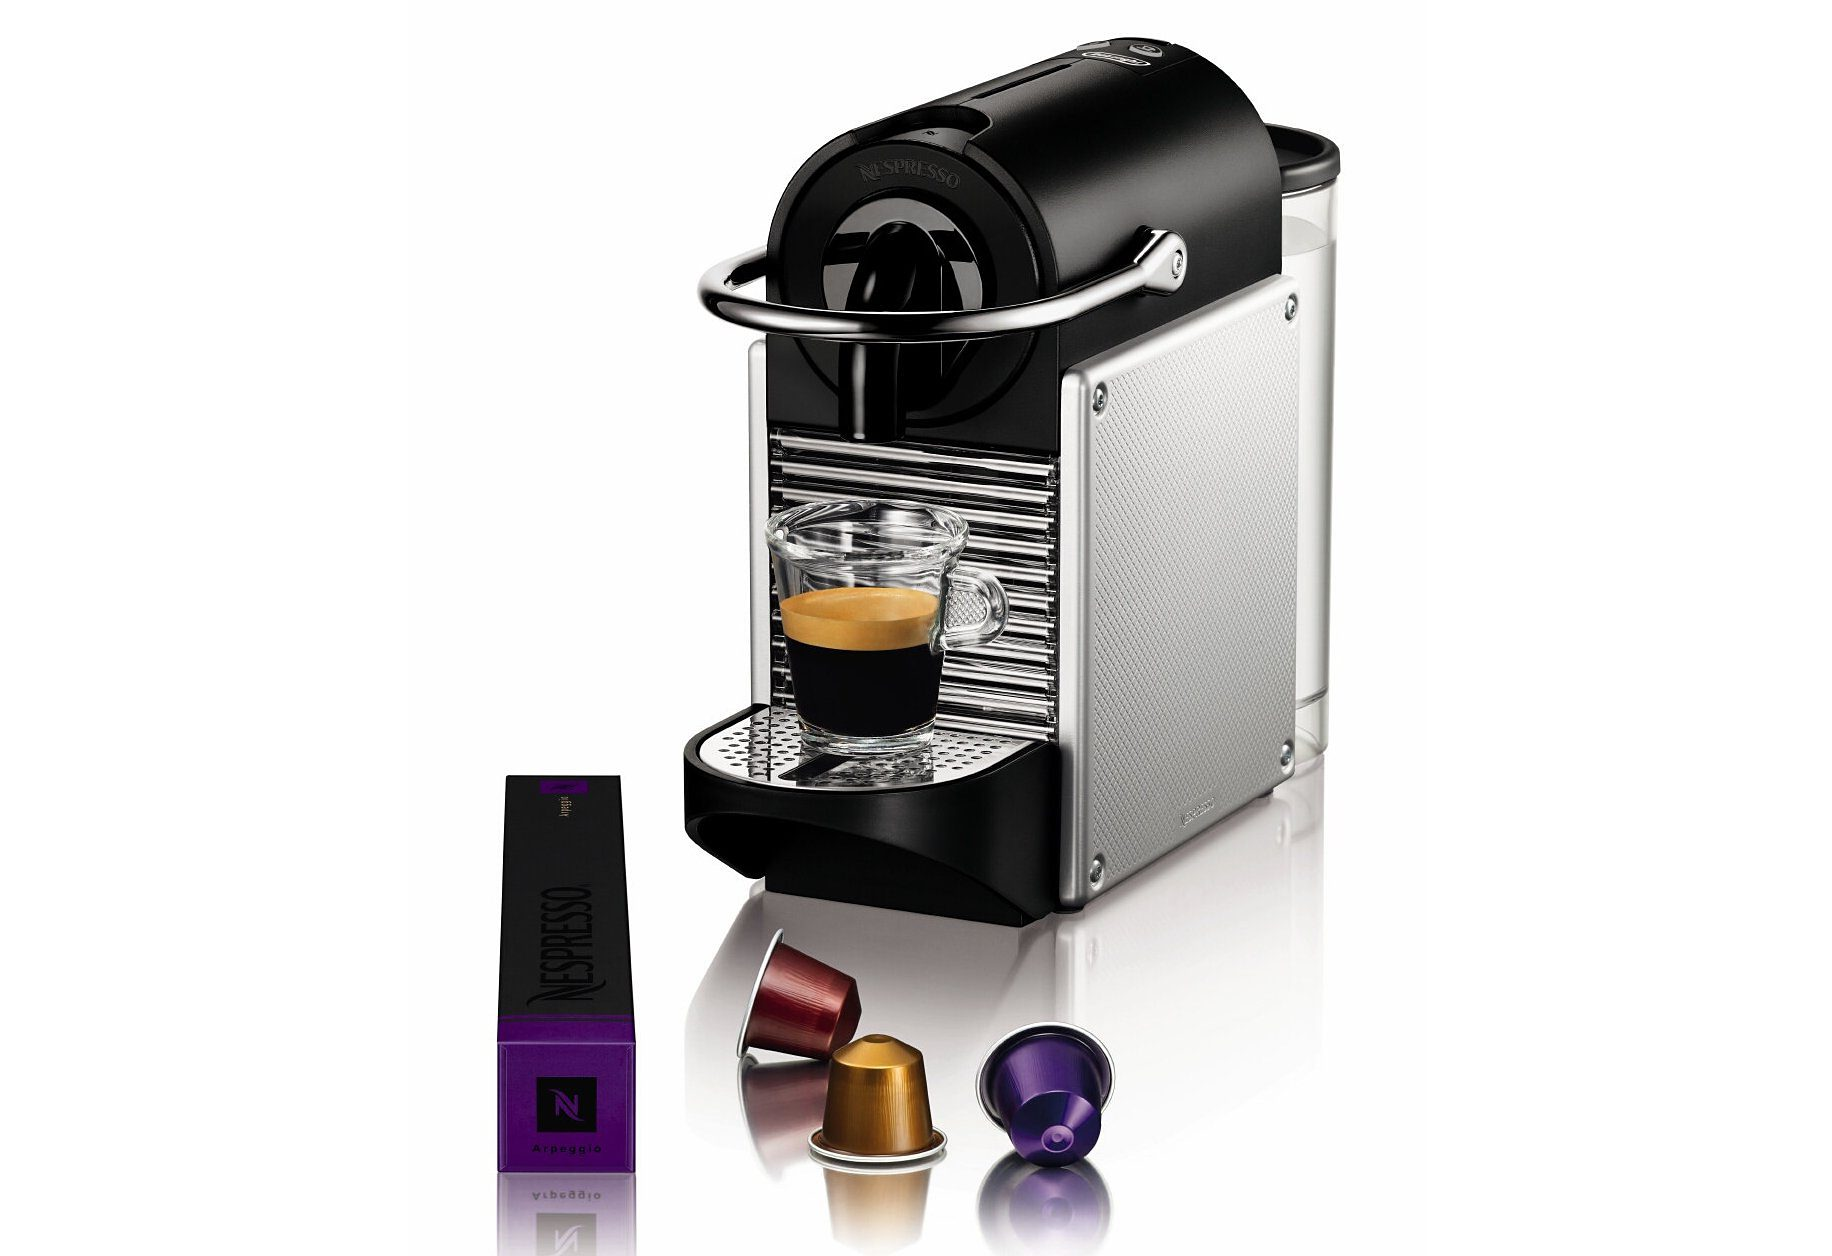 Nespresso Kapselmaschine Pixie EN 125, nur 11 cm breit